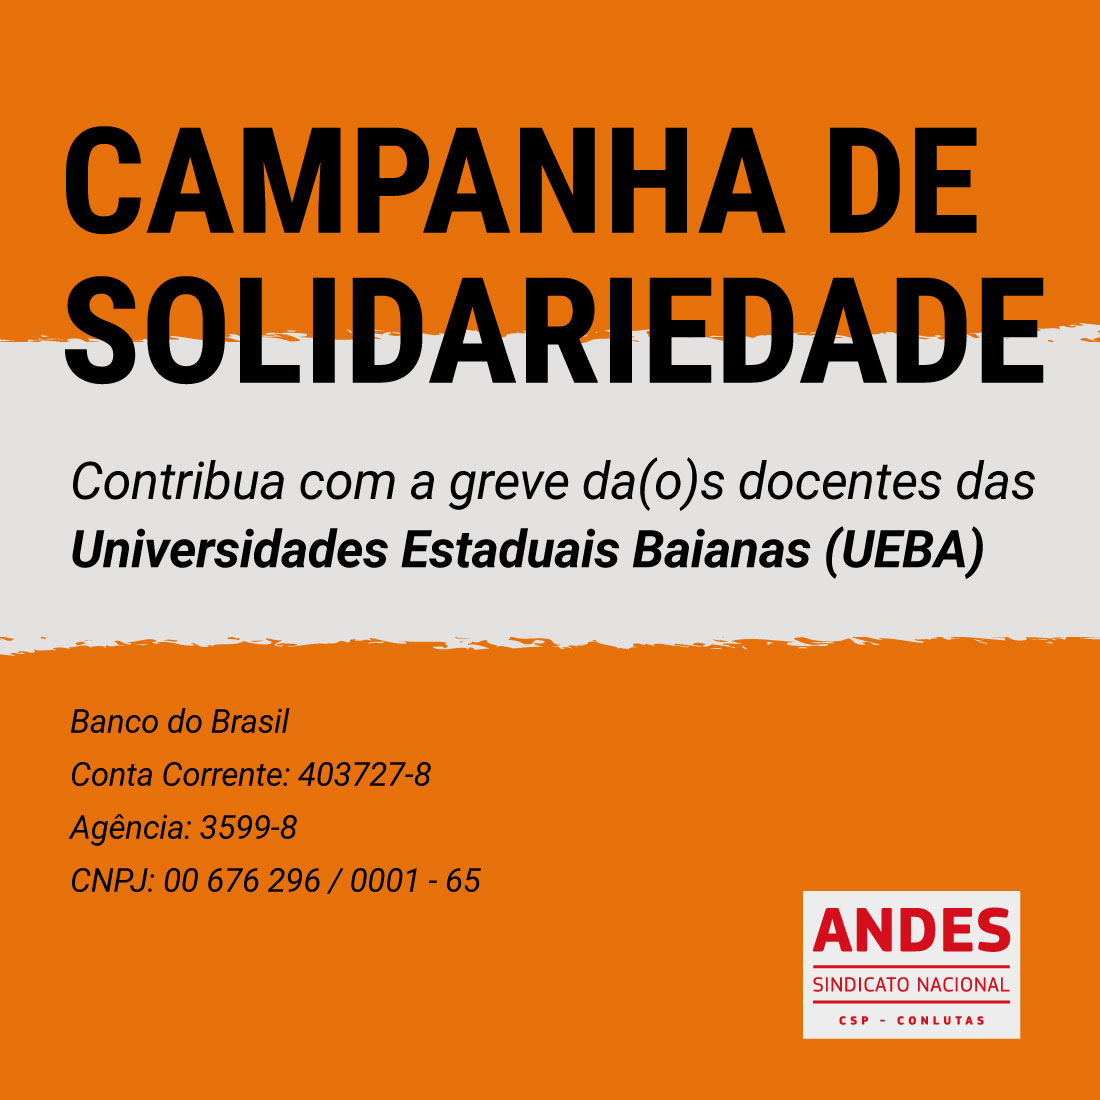 Contribua com a greve da(o)s docentes das Universidade Estaduais Baianas (UEBA)